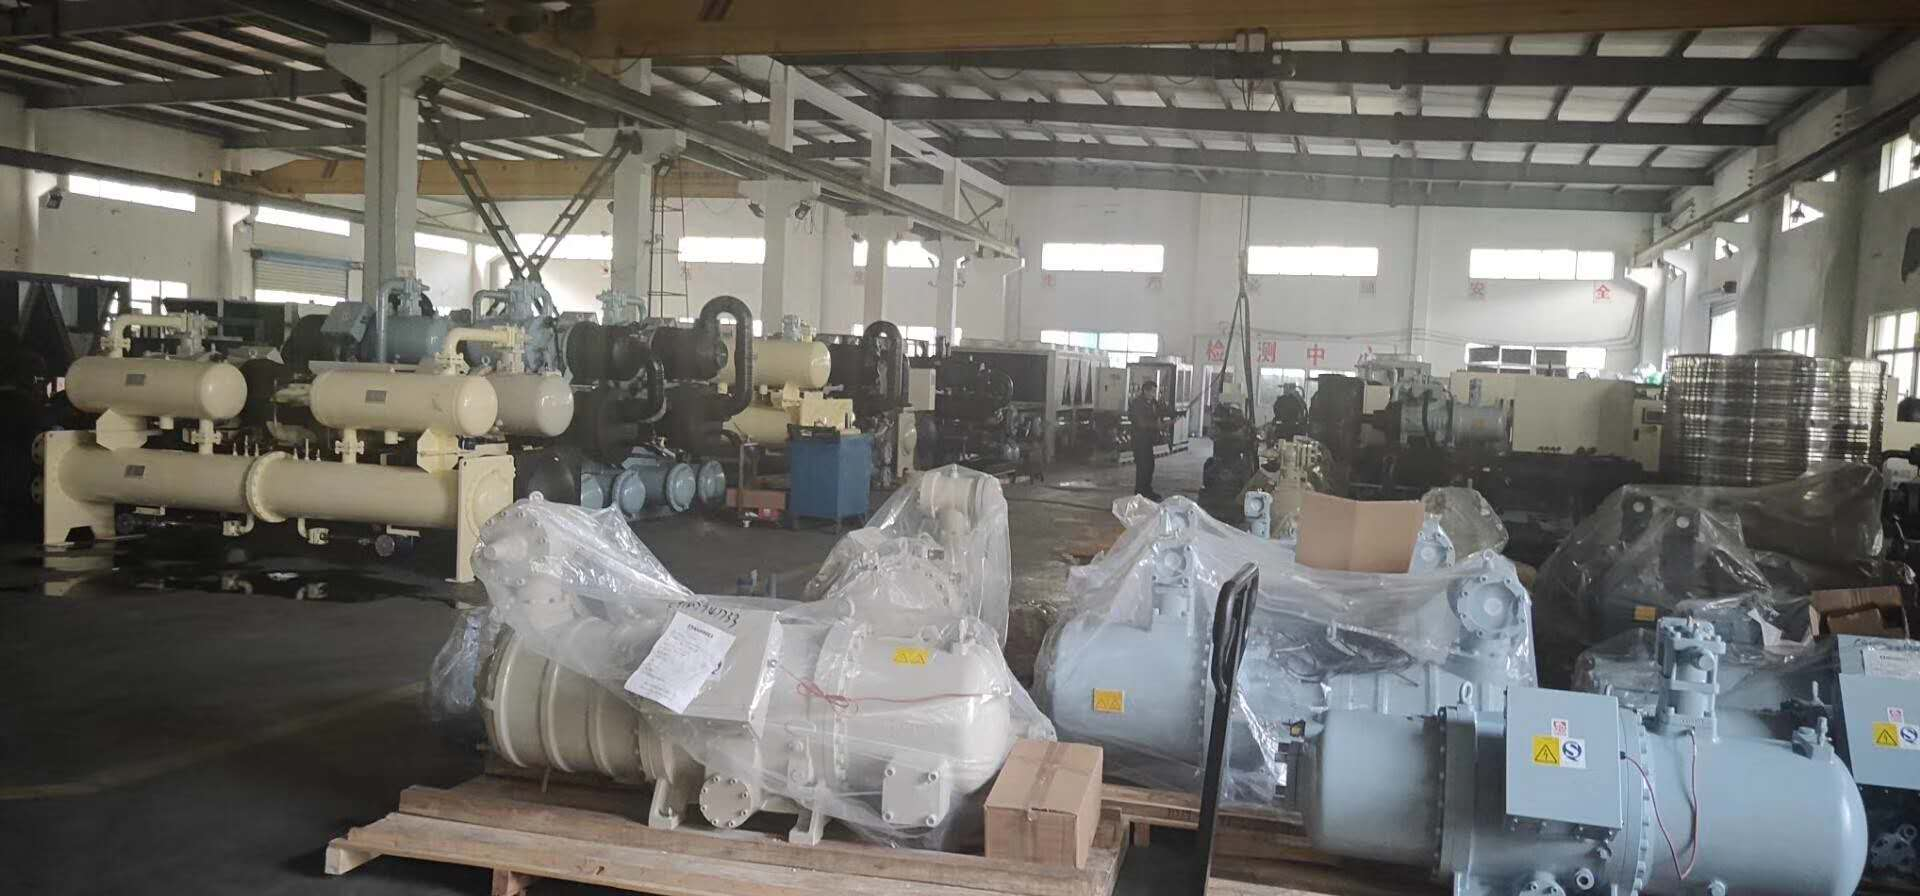 上海防爆冷水机供应商 真诚推荐 温州佳诺制冷设备供应